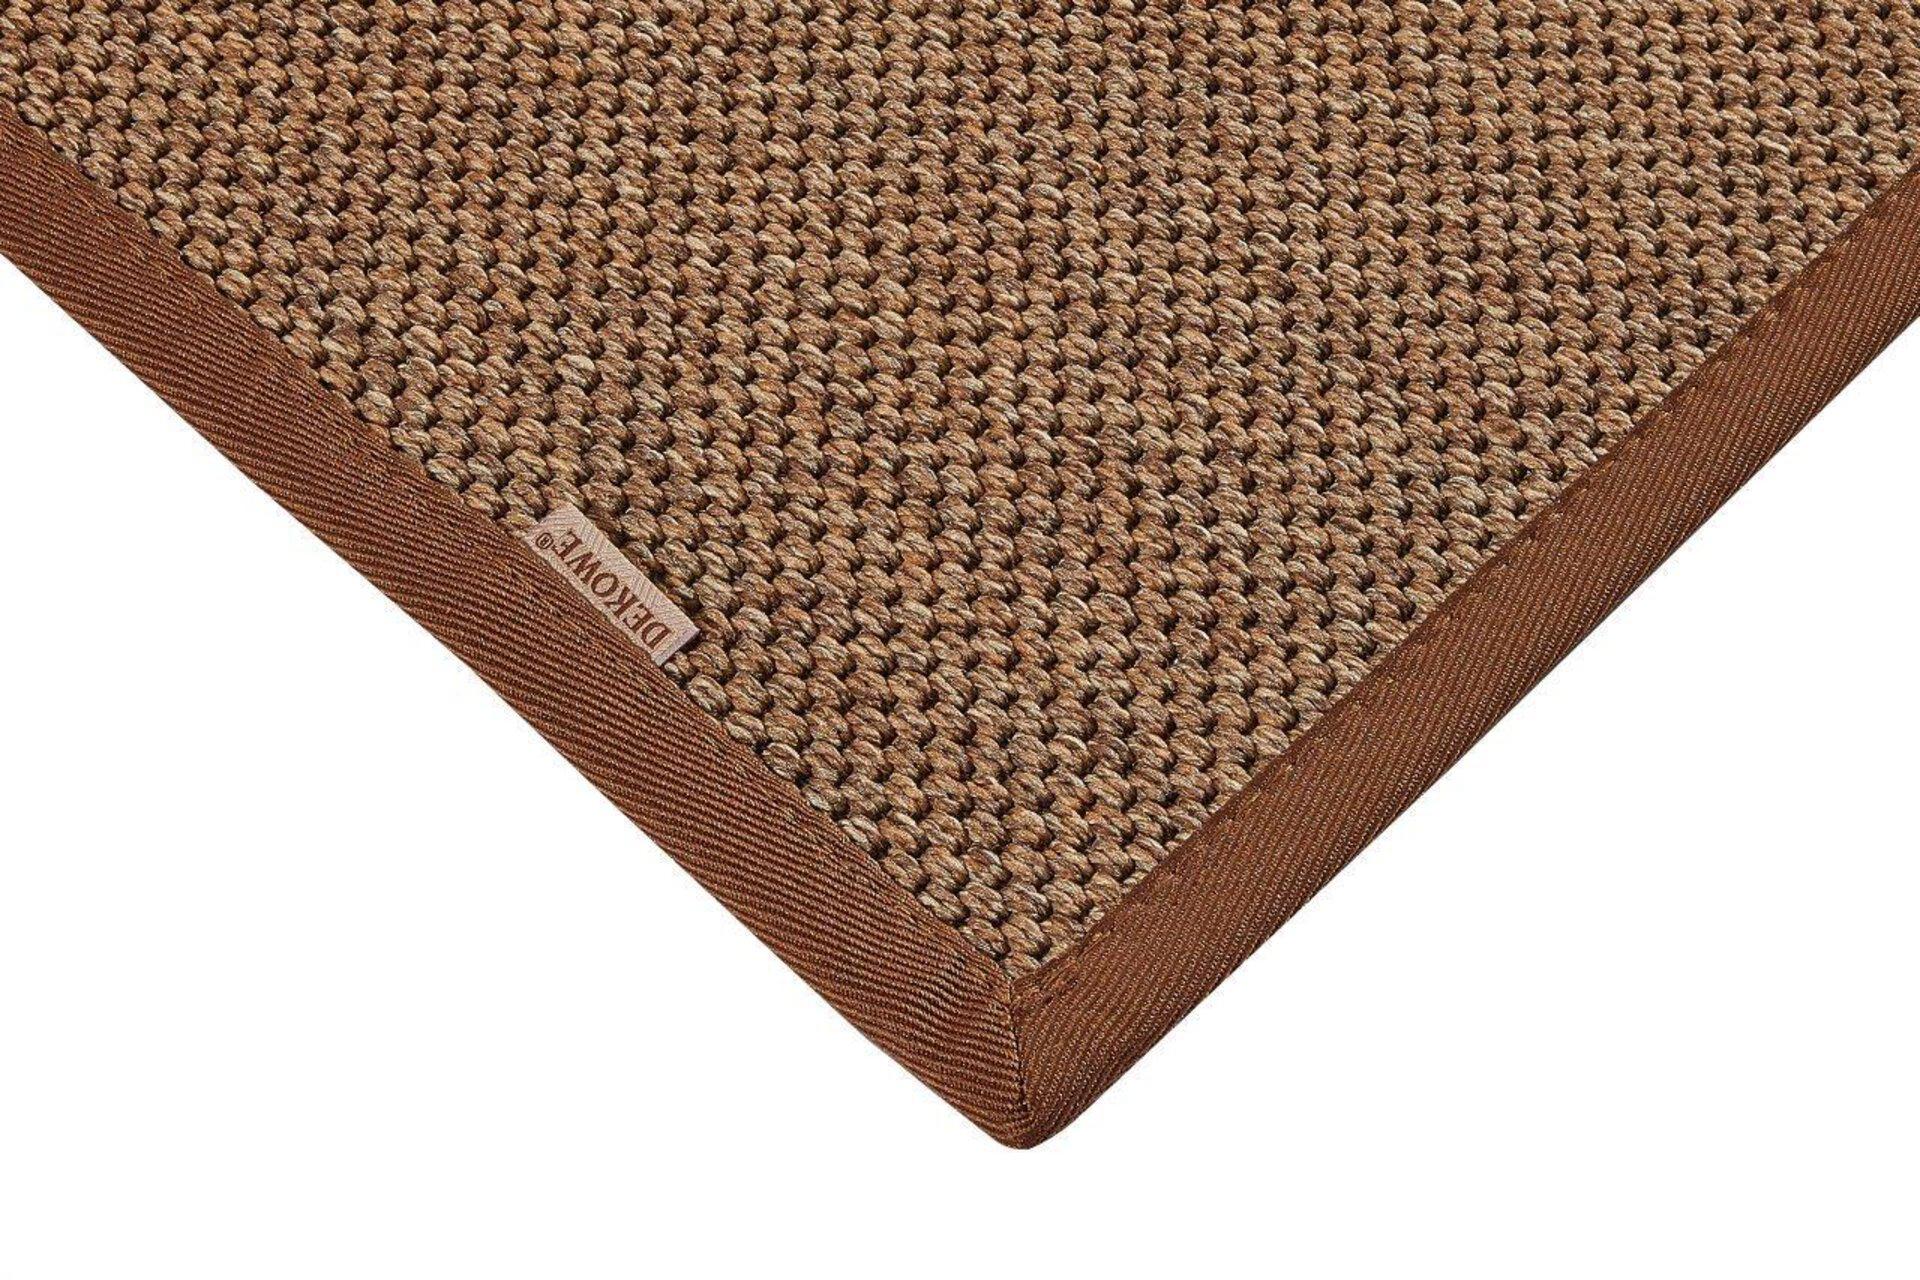 Outdoorteppich Naturino Prestige S1 DEKOWE Textil braun 67 x 133 cm